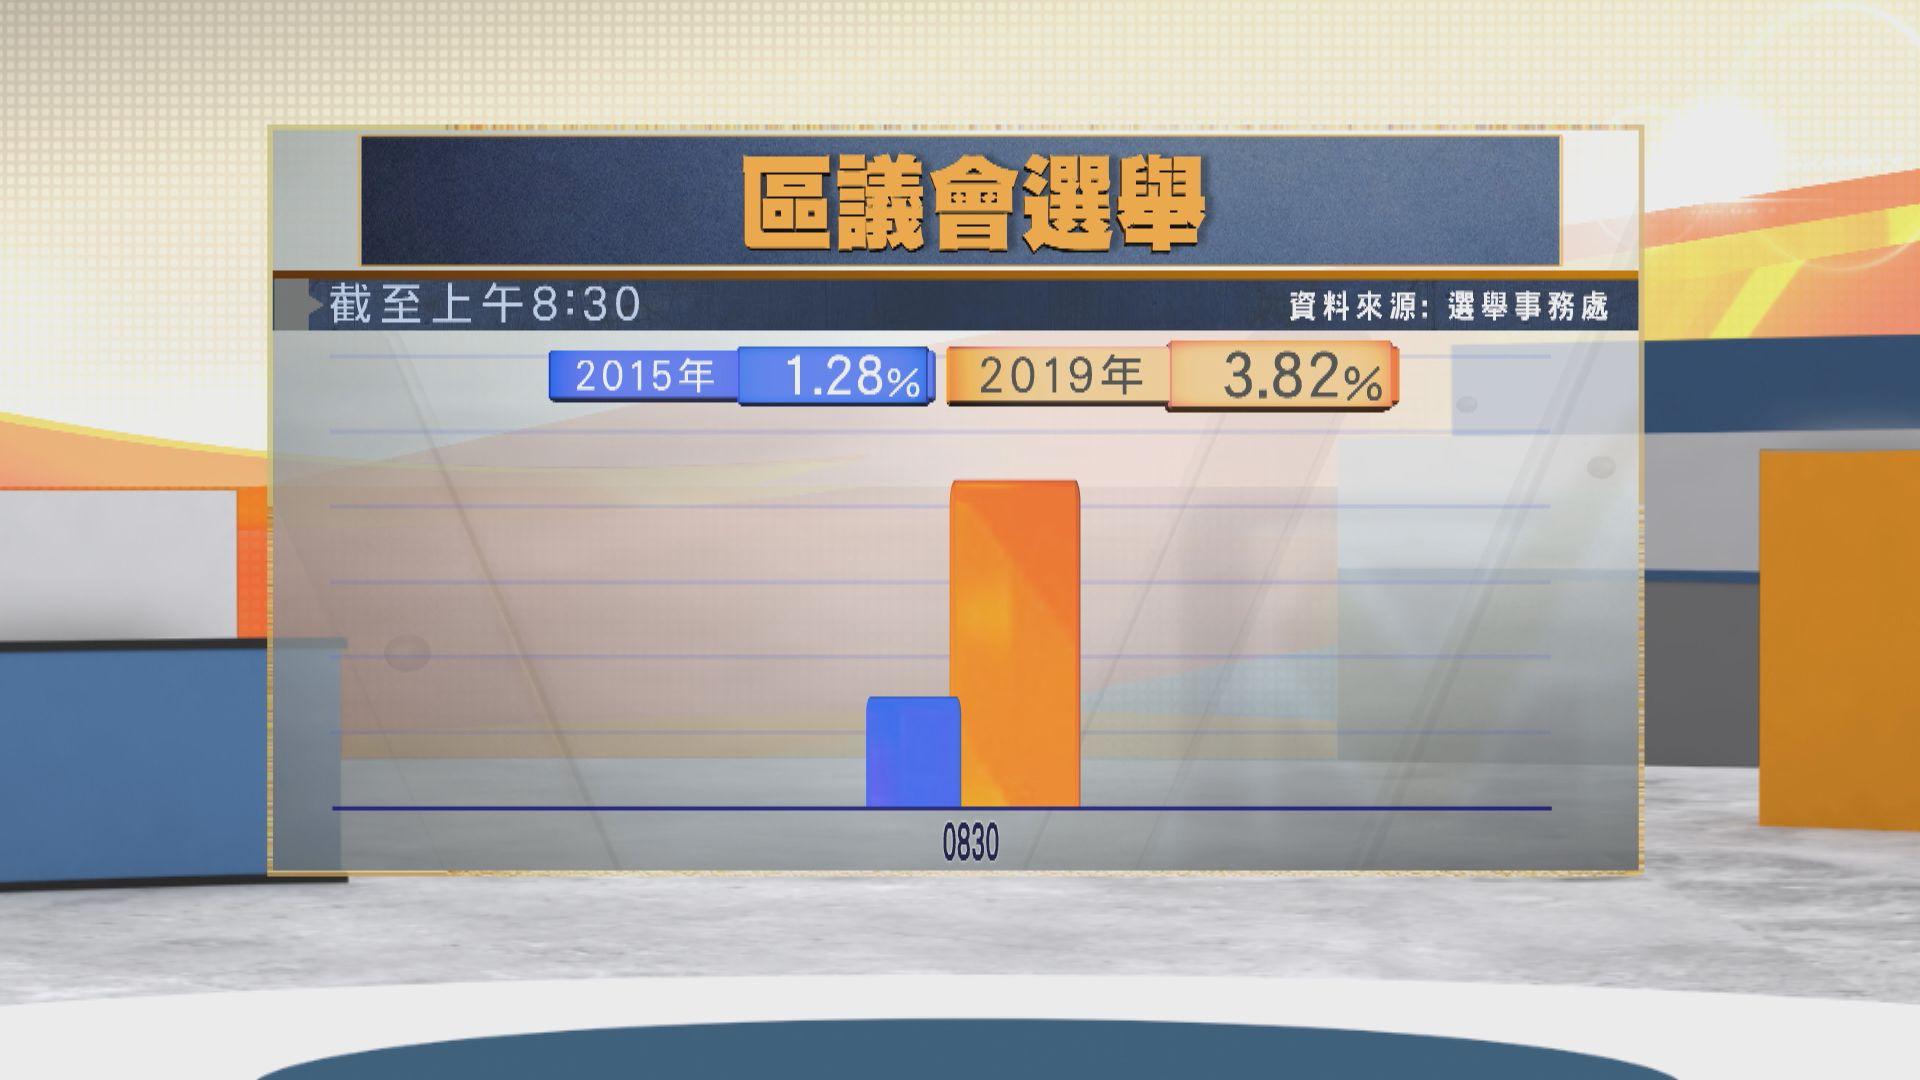 投票率為3.82% 約15萬人投票 (截至08:30)